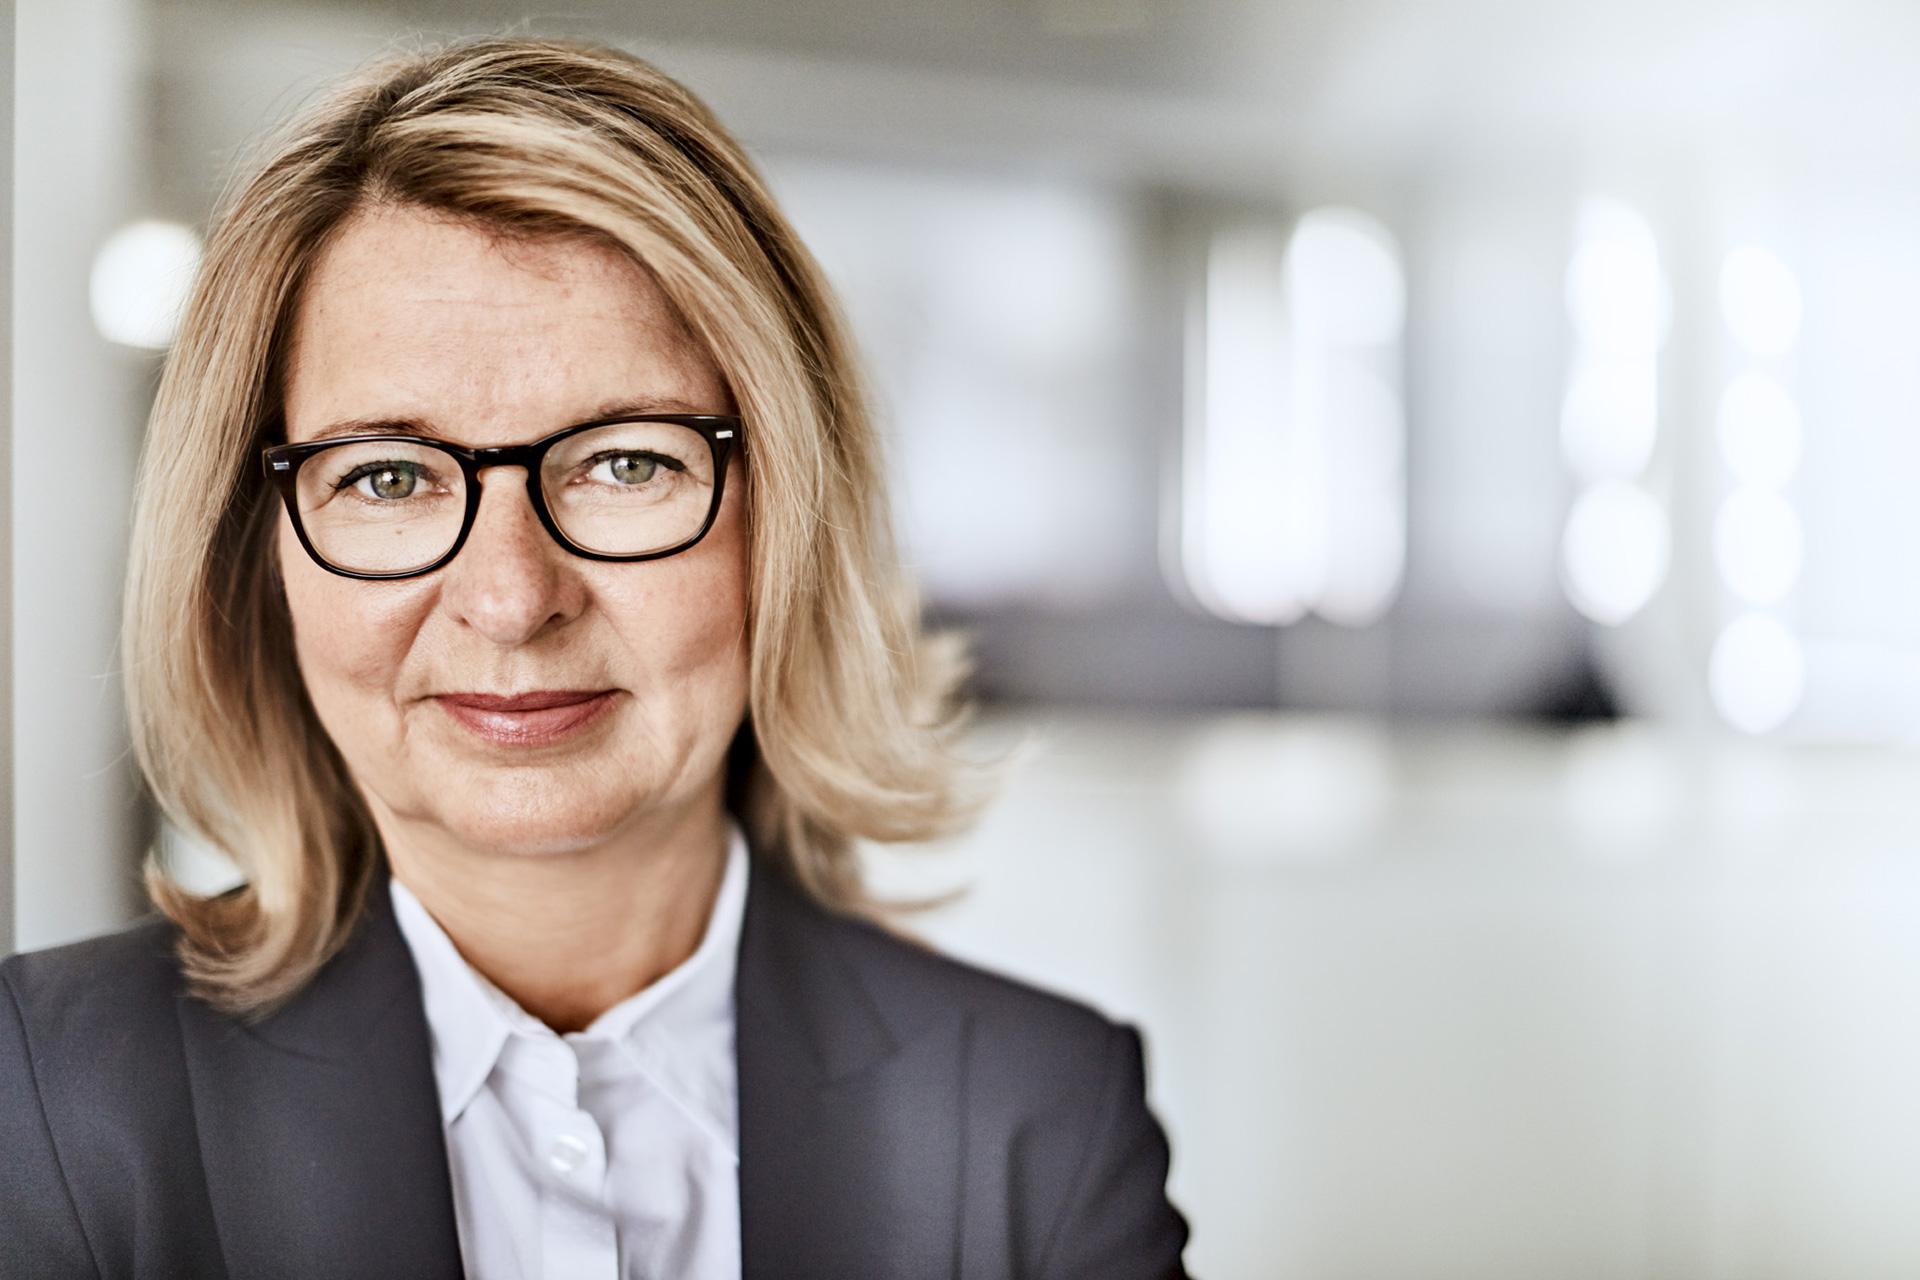 Jacelin Klingenberg